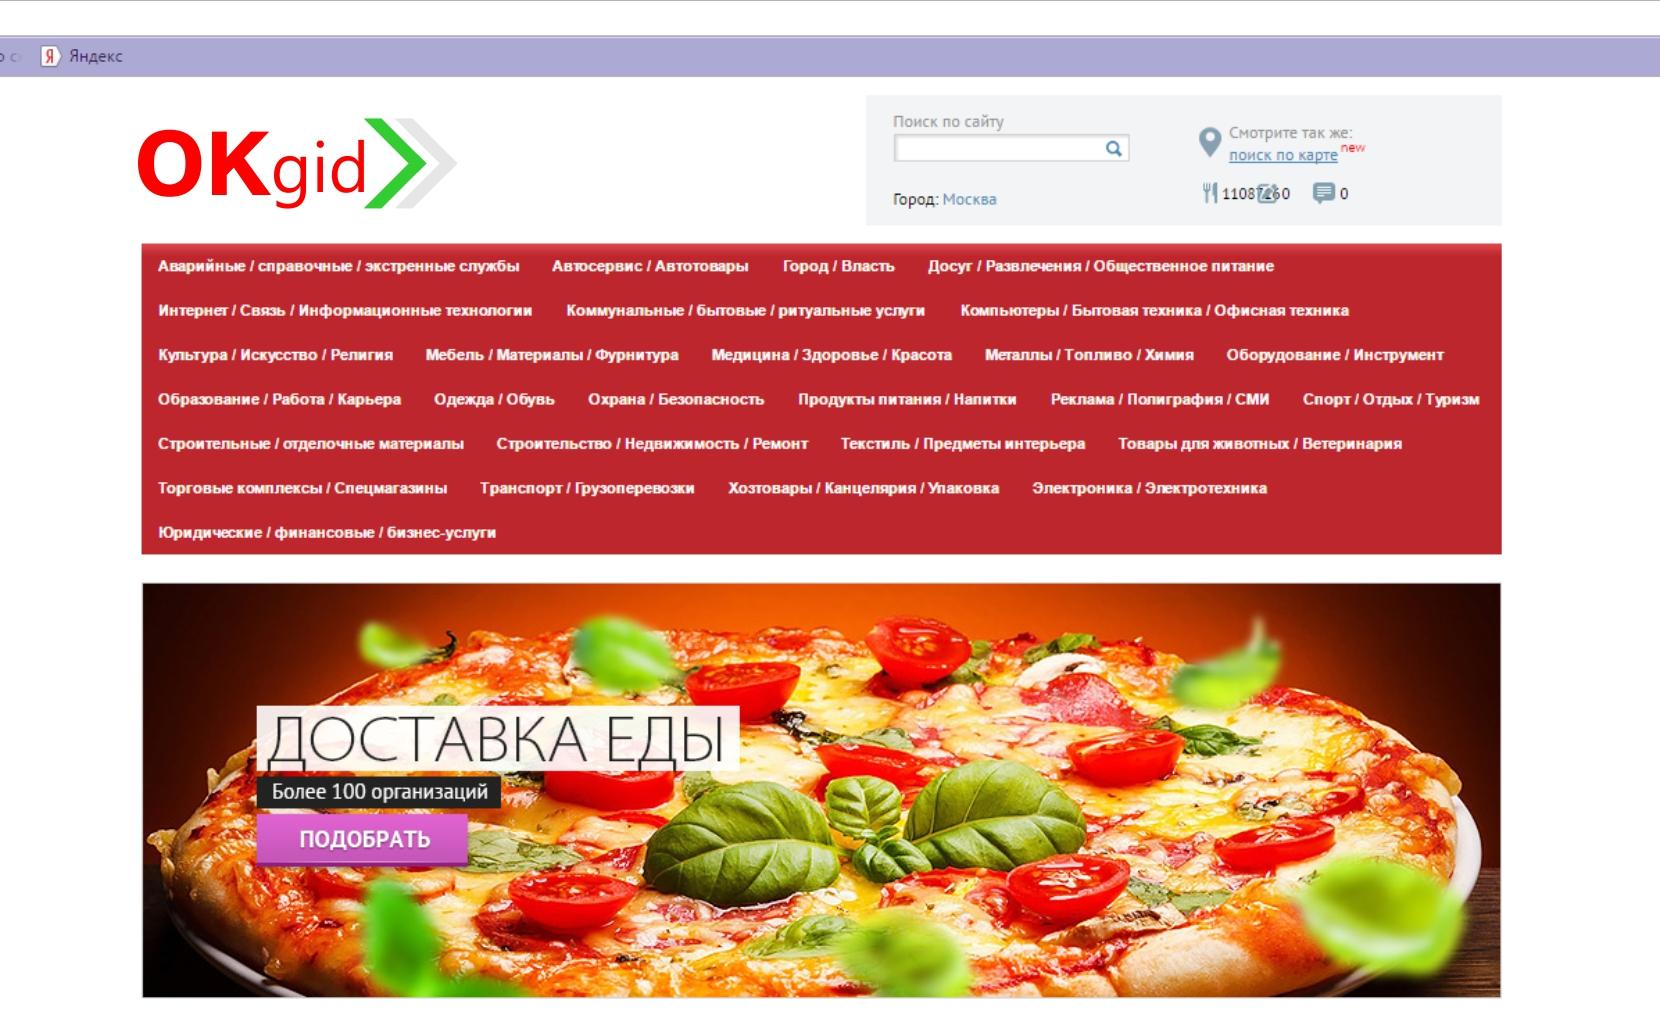 Логотип для сайта OKgid.ru фото f_51757c6e57ecdce4.jpg